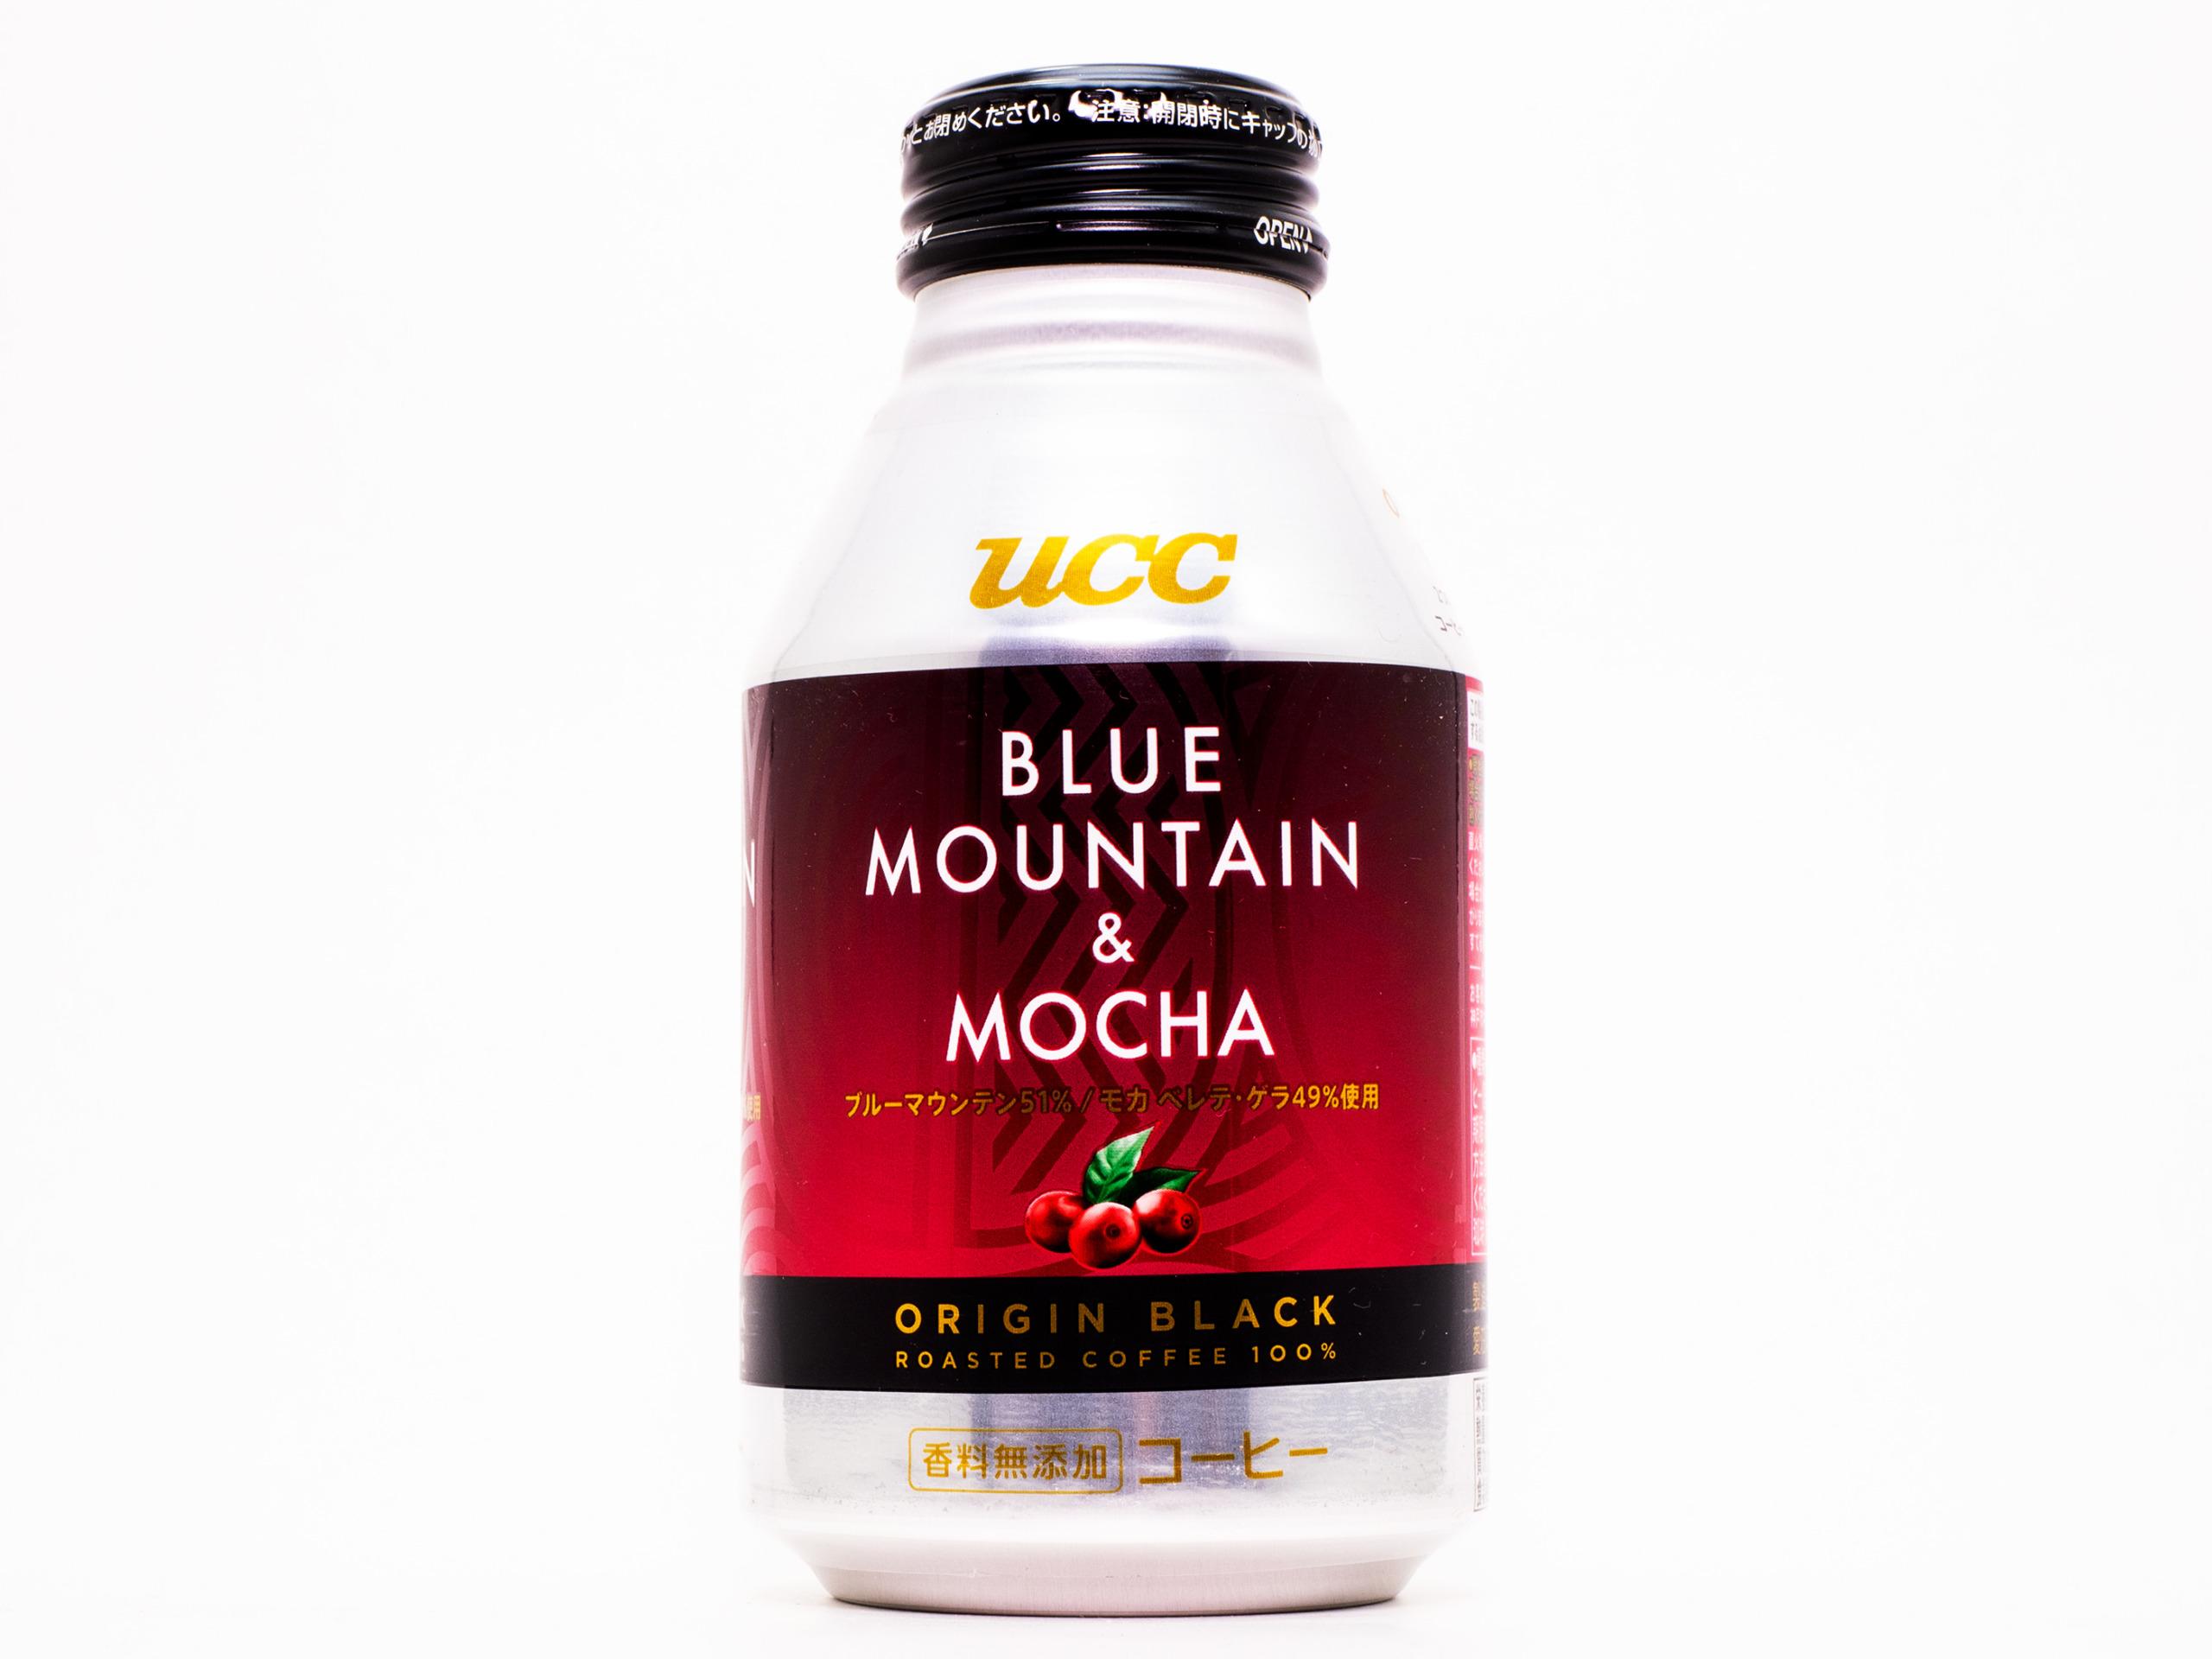 ユーシーシー上島珈琲 UCC ORIGIN BLACK ブルーマウンテン & モカ リキャップ缶275g